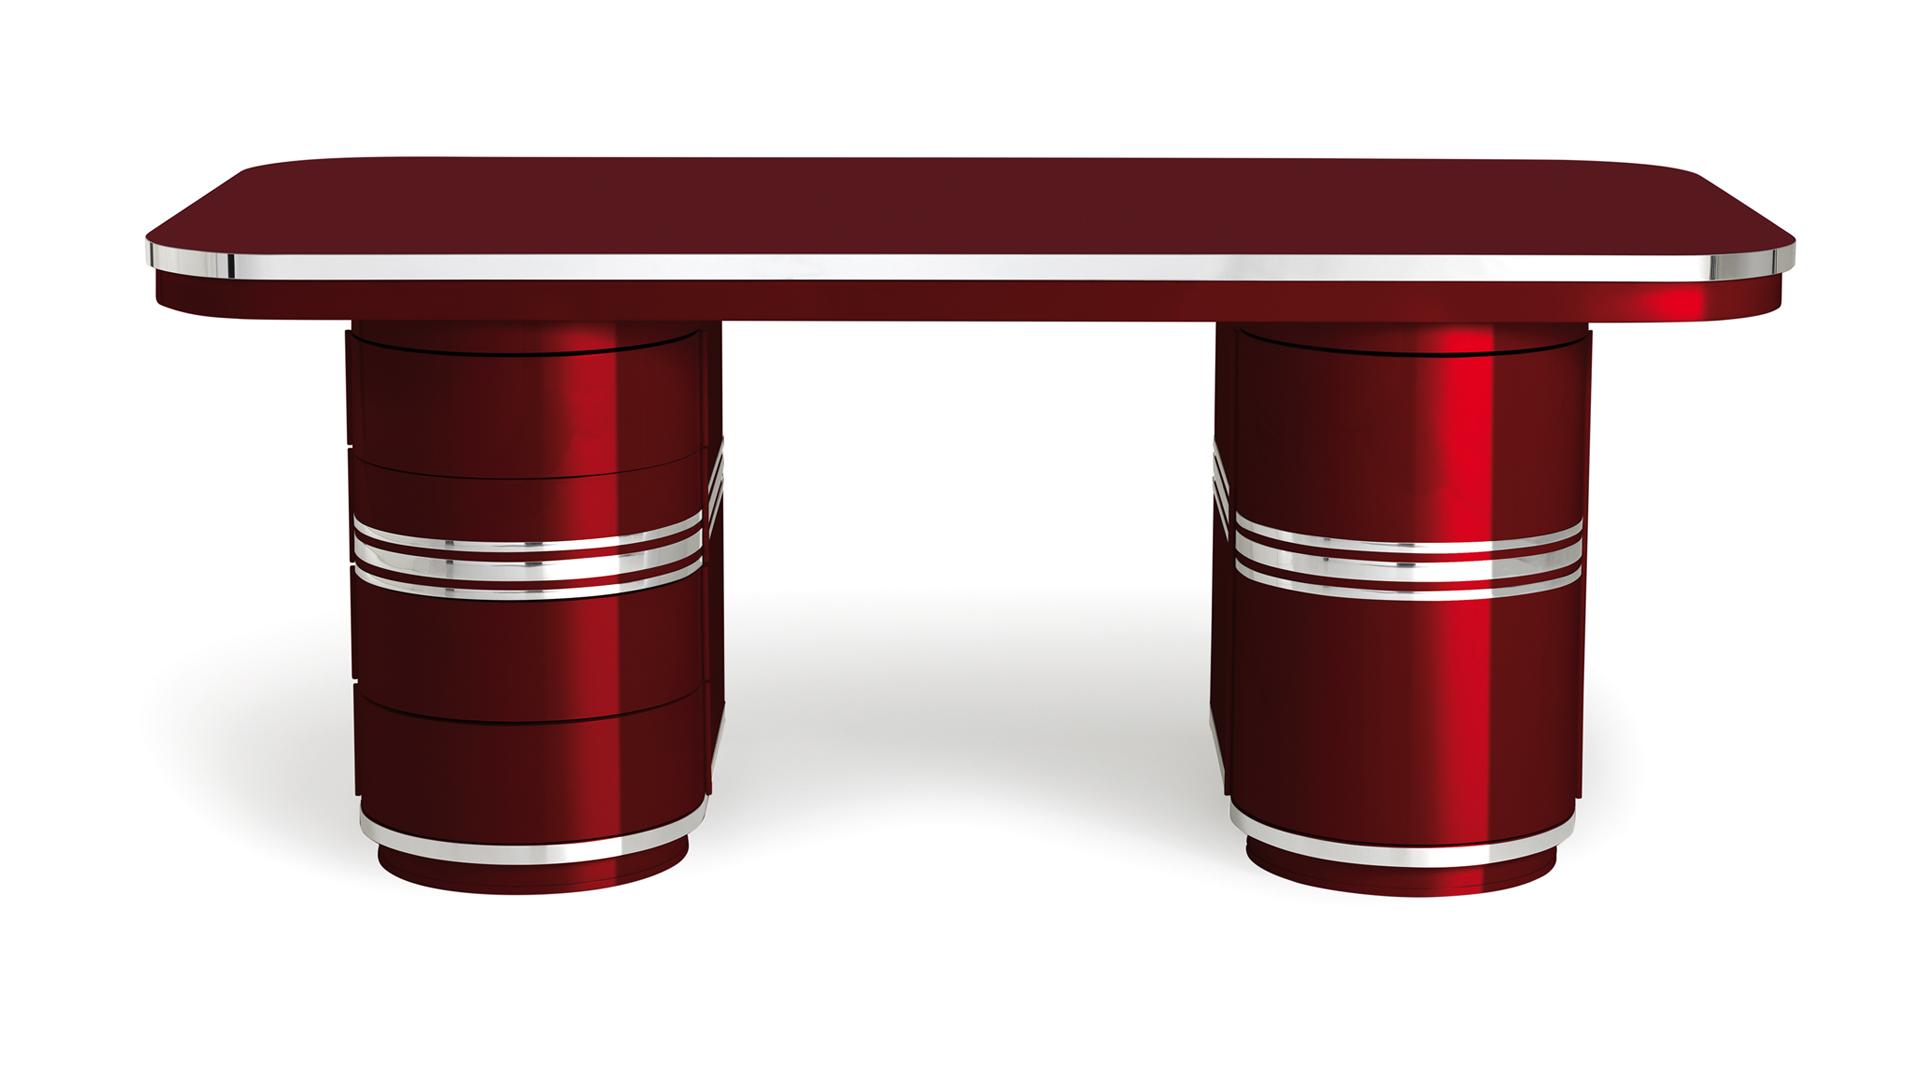 Schreibtisch-Arbeitstisch-Chefarbeitsplatz-rot-Tonnentisch-mauser-slider